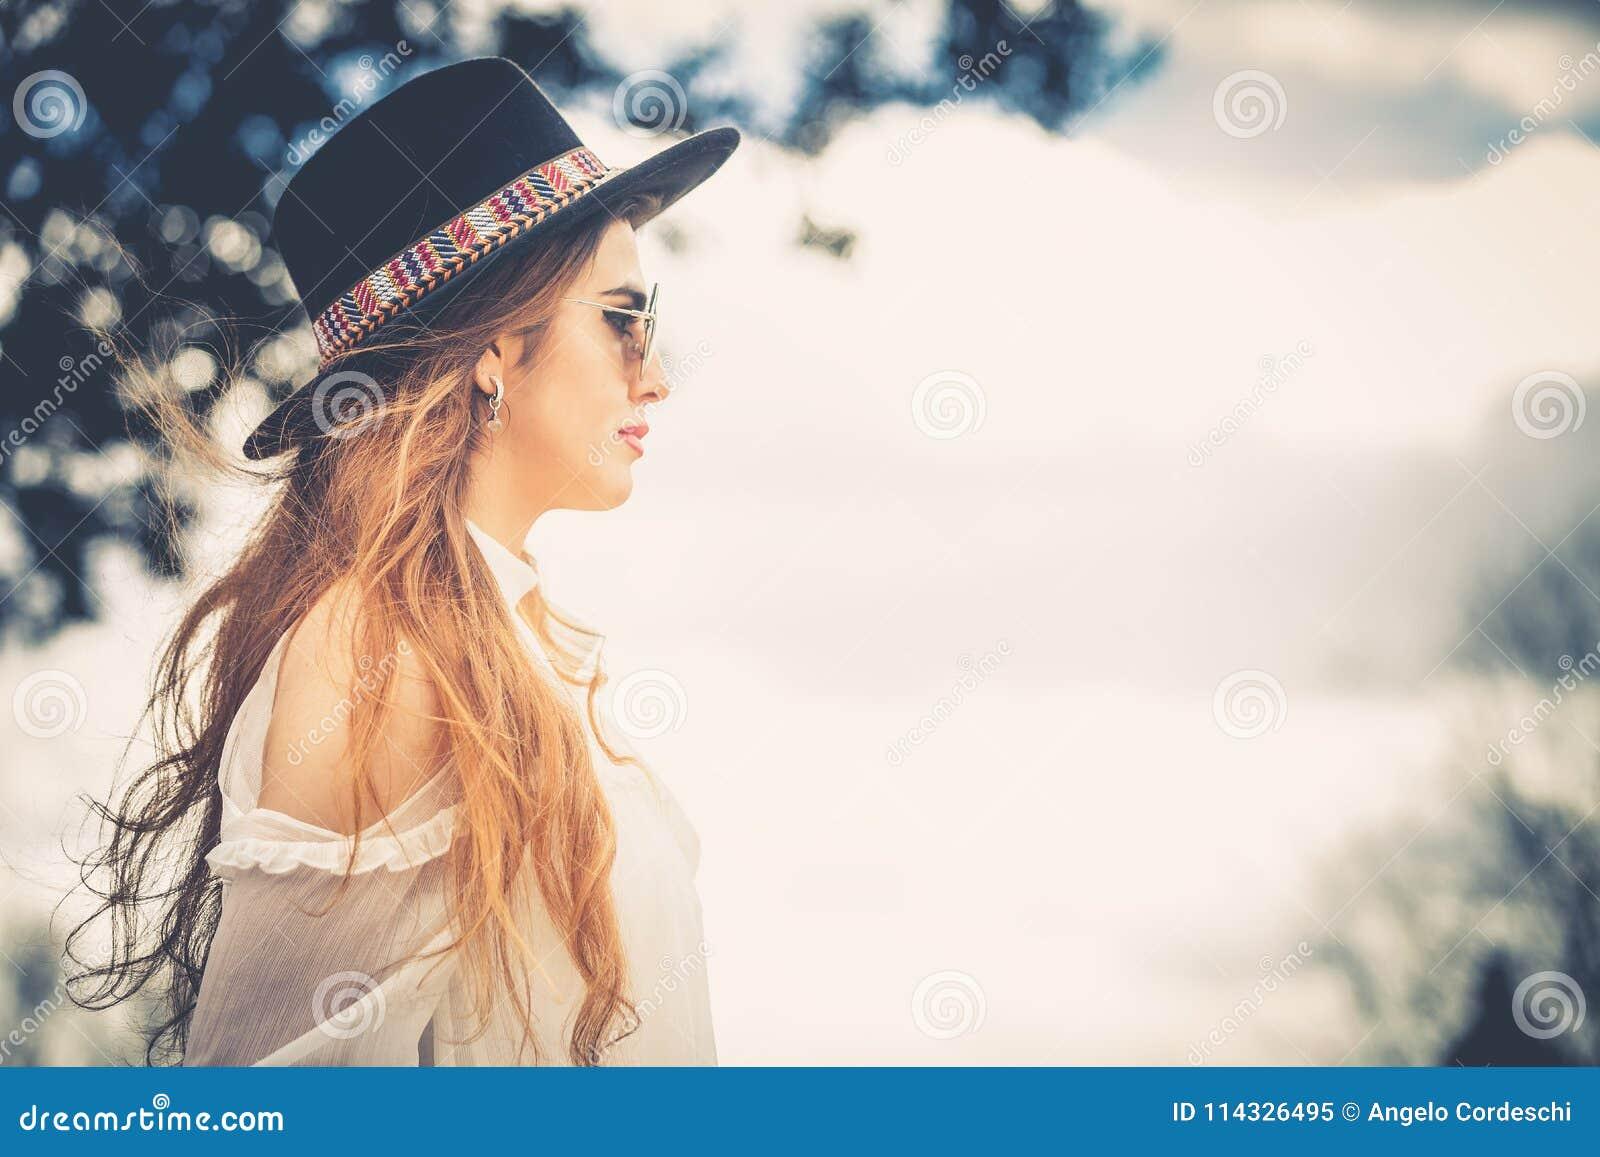 Profil des langen Haares der modernen Frau mit Hut und Sonnenbrille